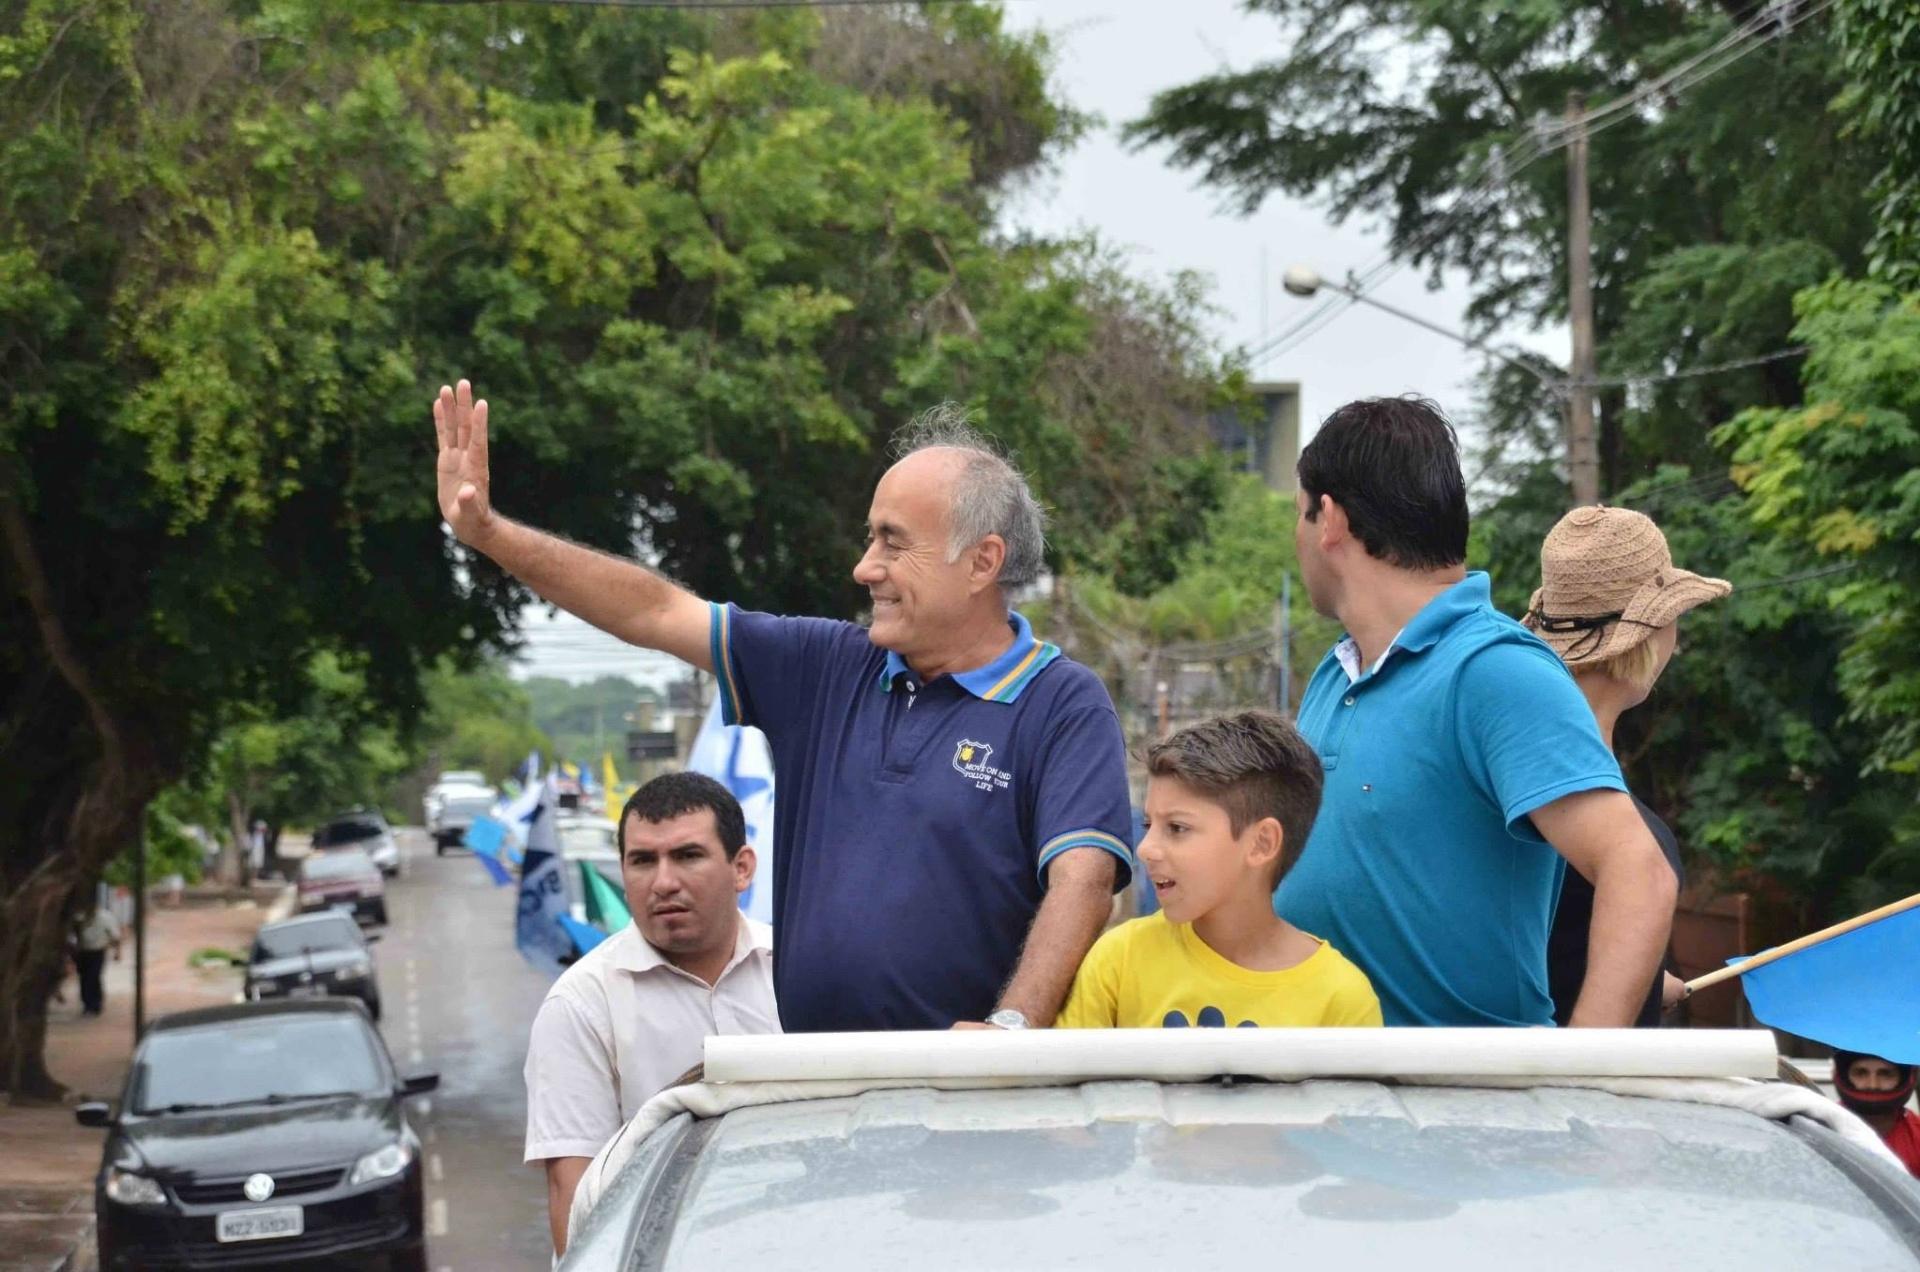 4.out.2014 - O candidato ao governo do Acre Tião Bocalom (DEM) fez carreata em Rio Branco neste sábado (4). Ele aparece em segundo lugar nas pesquisas, com 23% das intenções de voto, segundo pesquisa Ibope divulgada no dia 2 de outubro